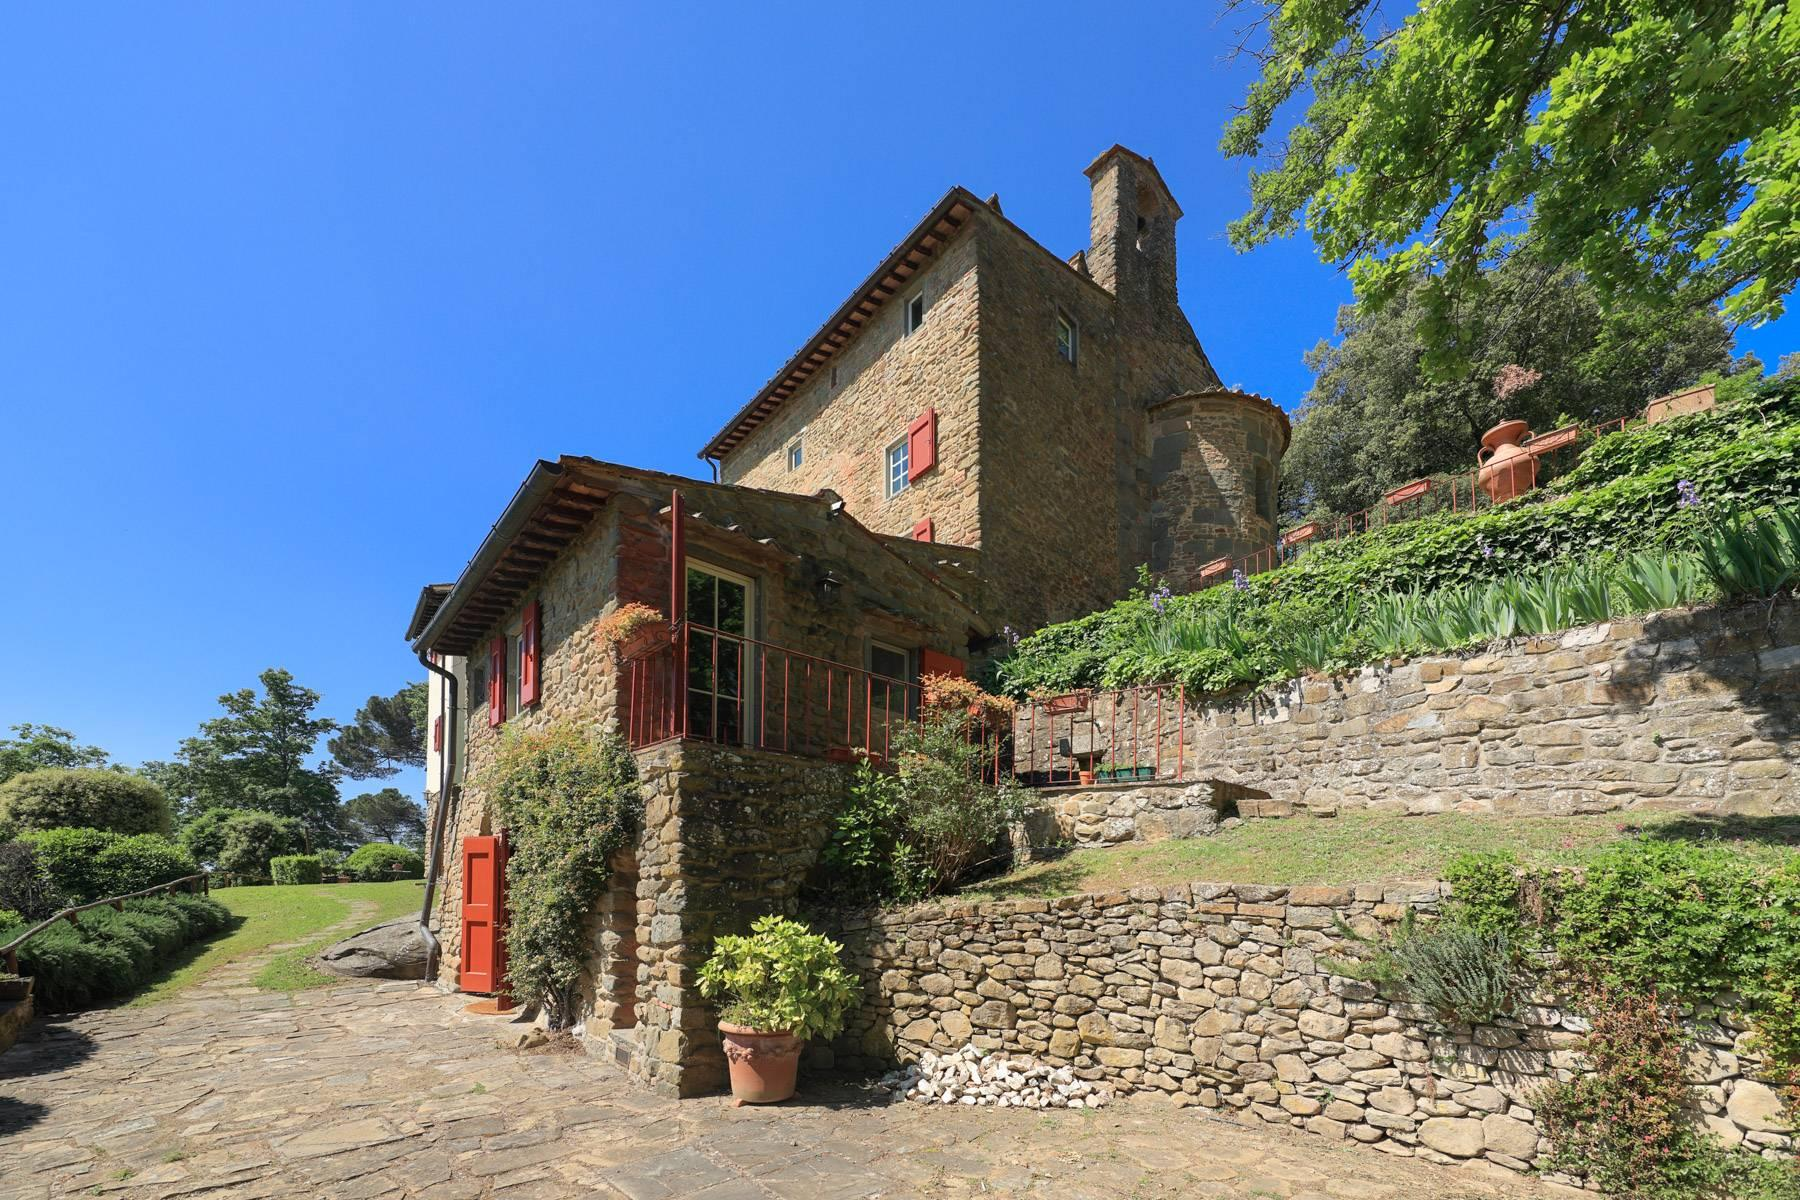 Wunderschöner historischer Komplex im Herzen des Chianti - 4